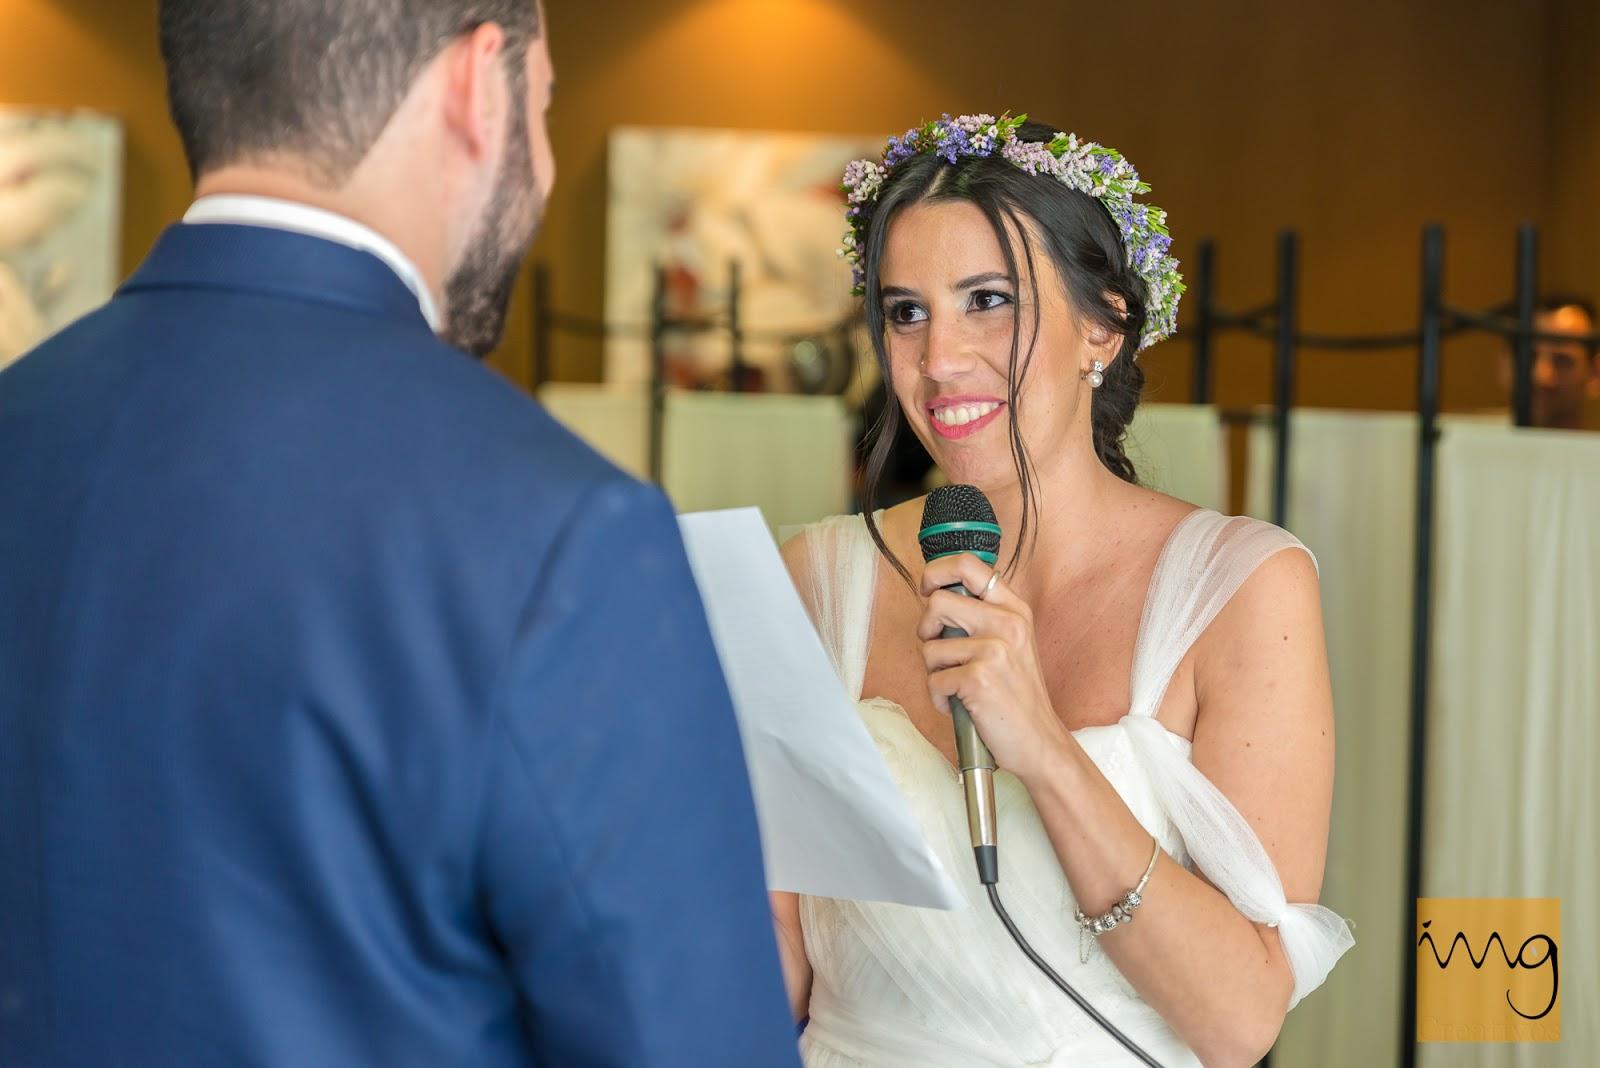 Fotografía simpática en la ceremonia de boda